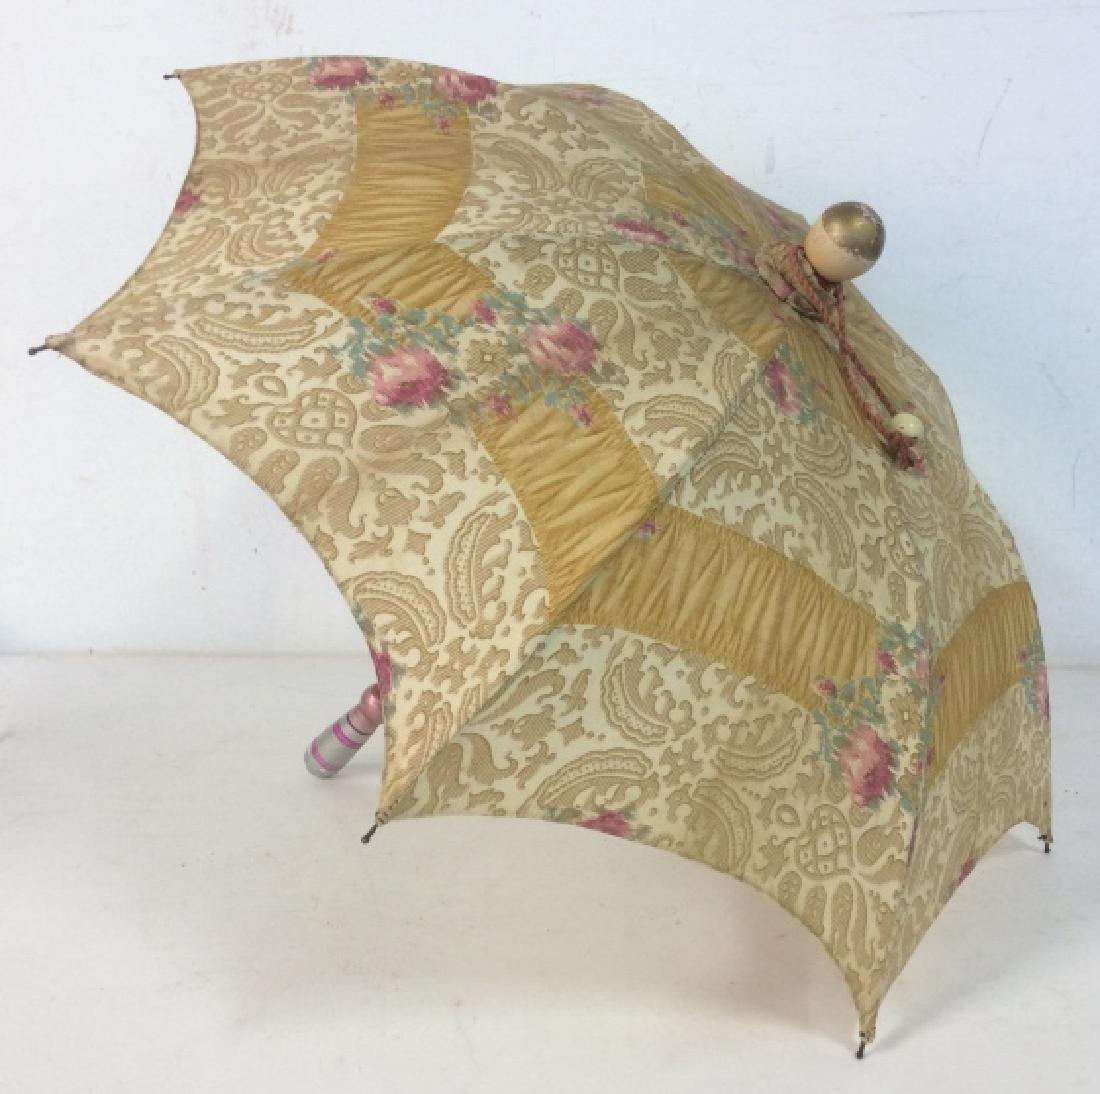 Antique Child's Parasol Umbrella